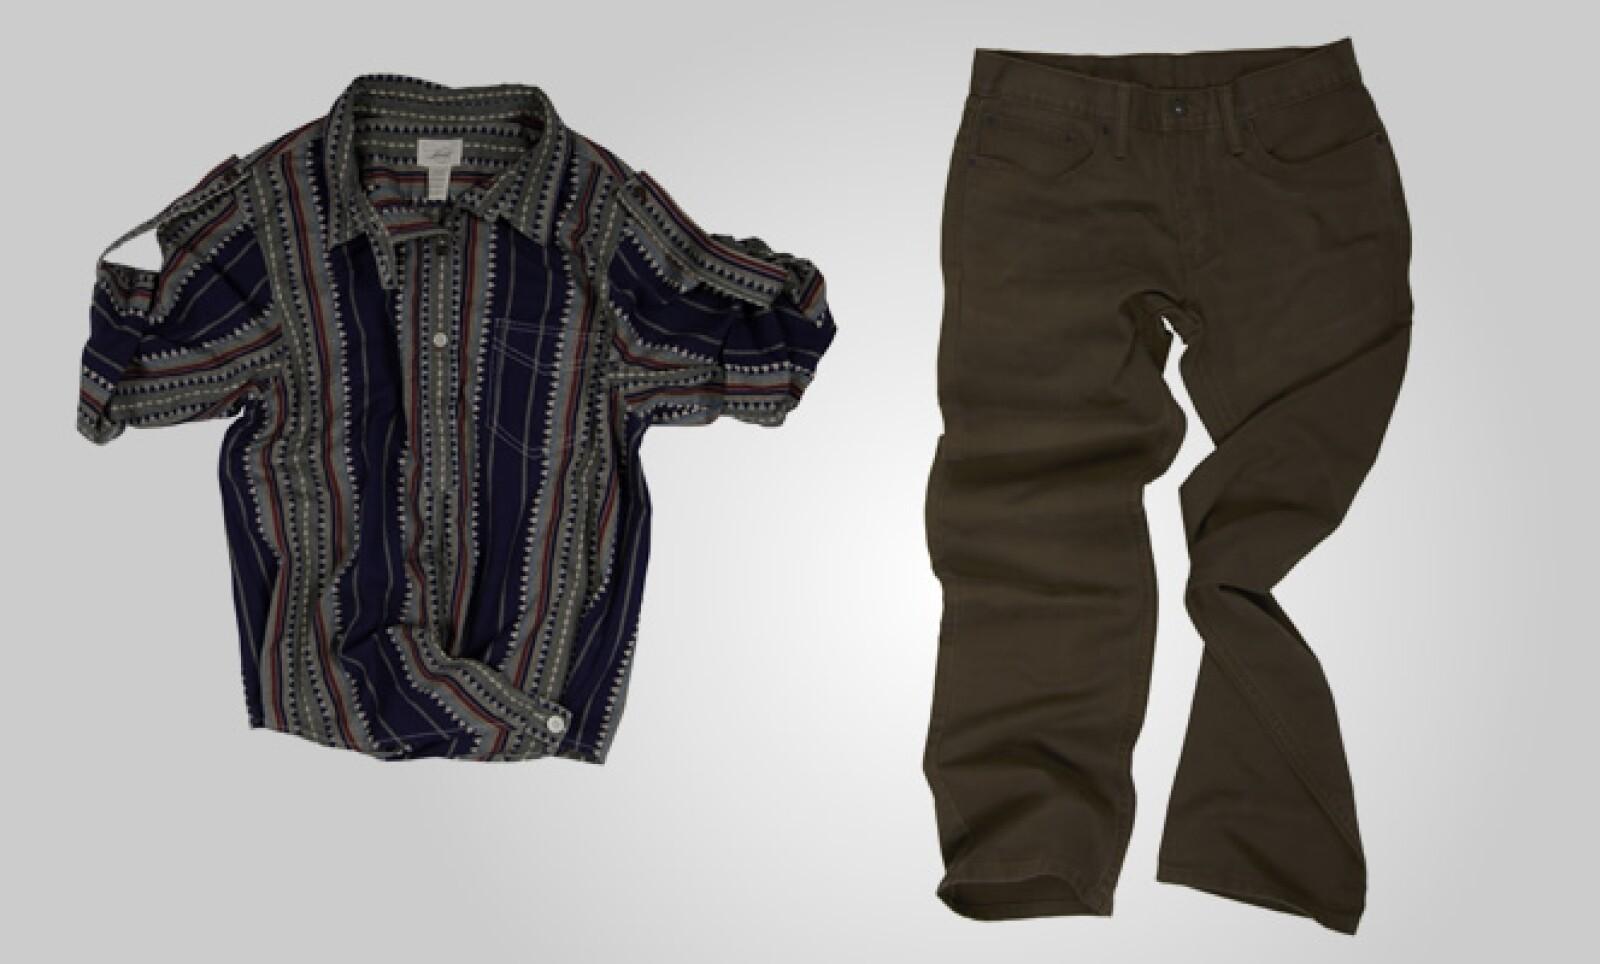 Colores como el gris, café, camello, verde y uva predominan en estos diseños.